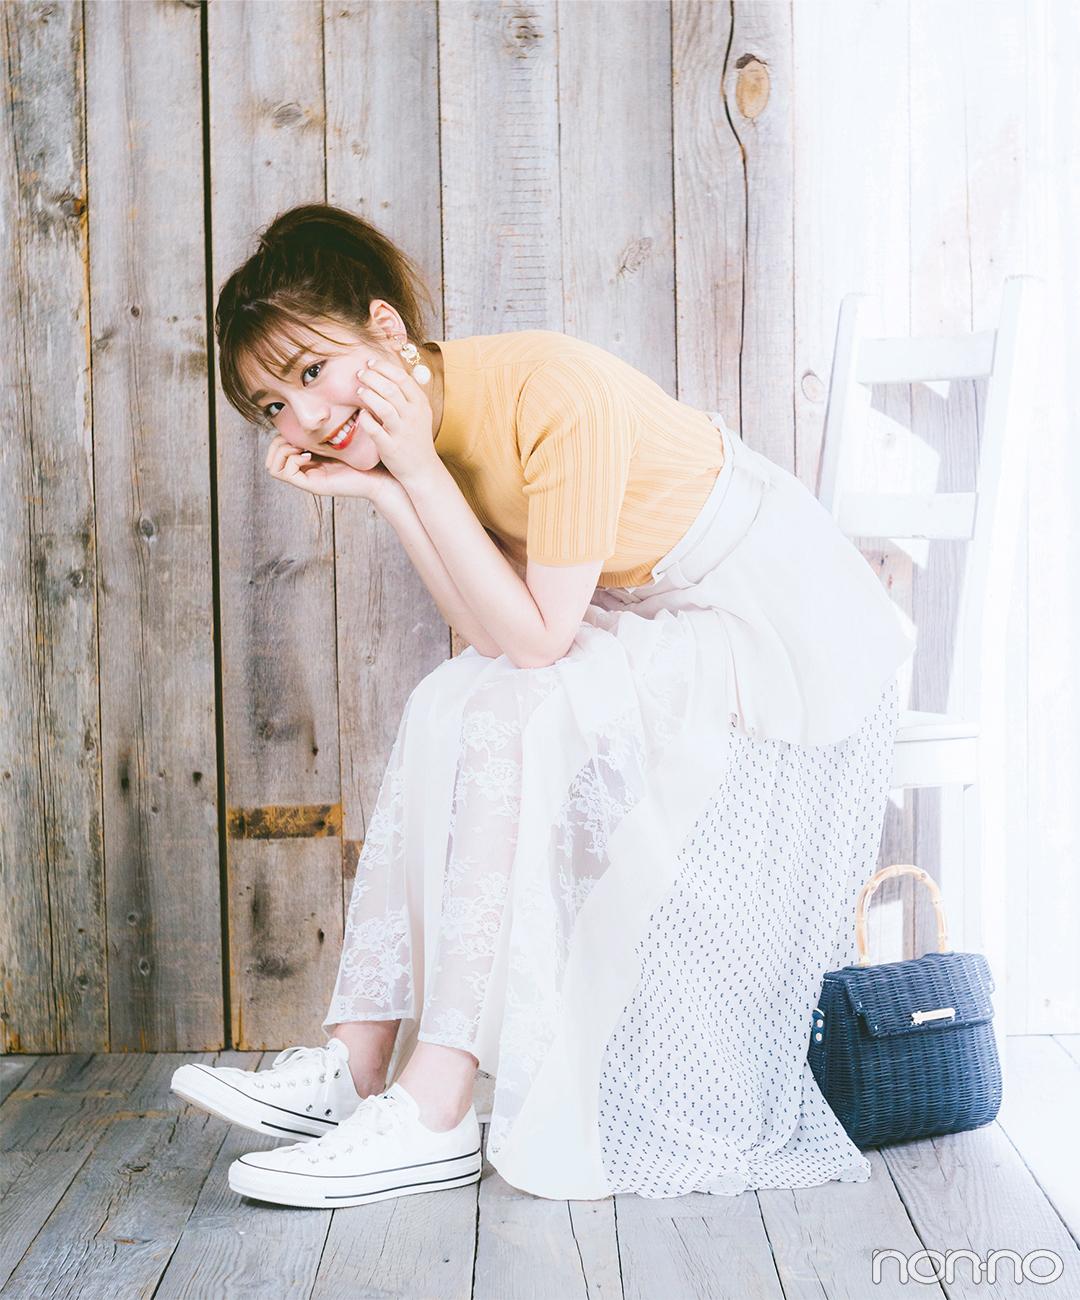 レーシーなスカートに、足元はスニーカーでカジュアルミックス!【毎日コーデ】_1_1